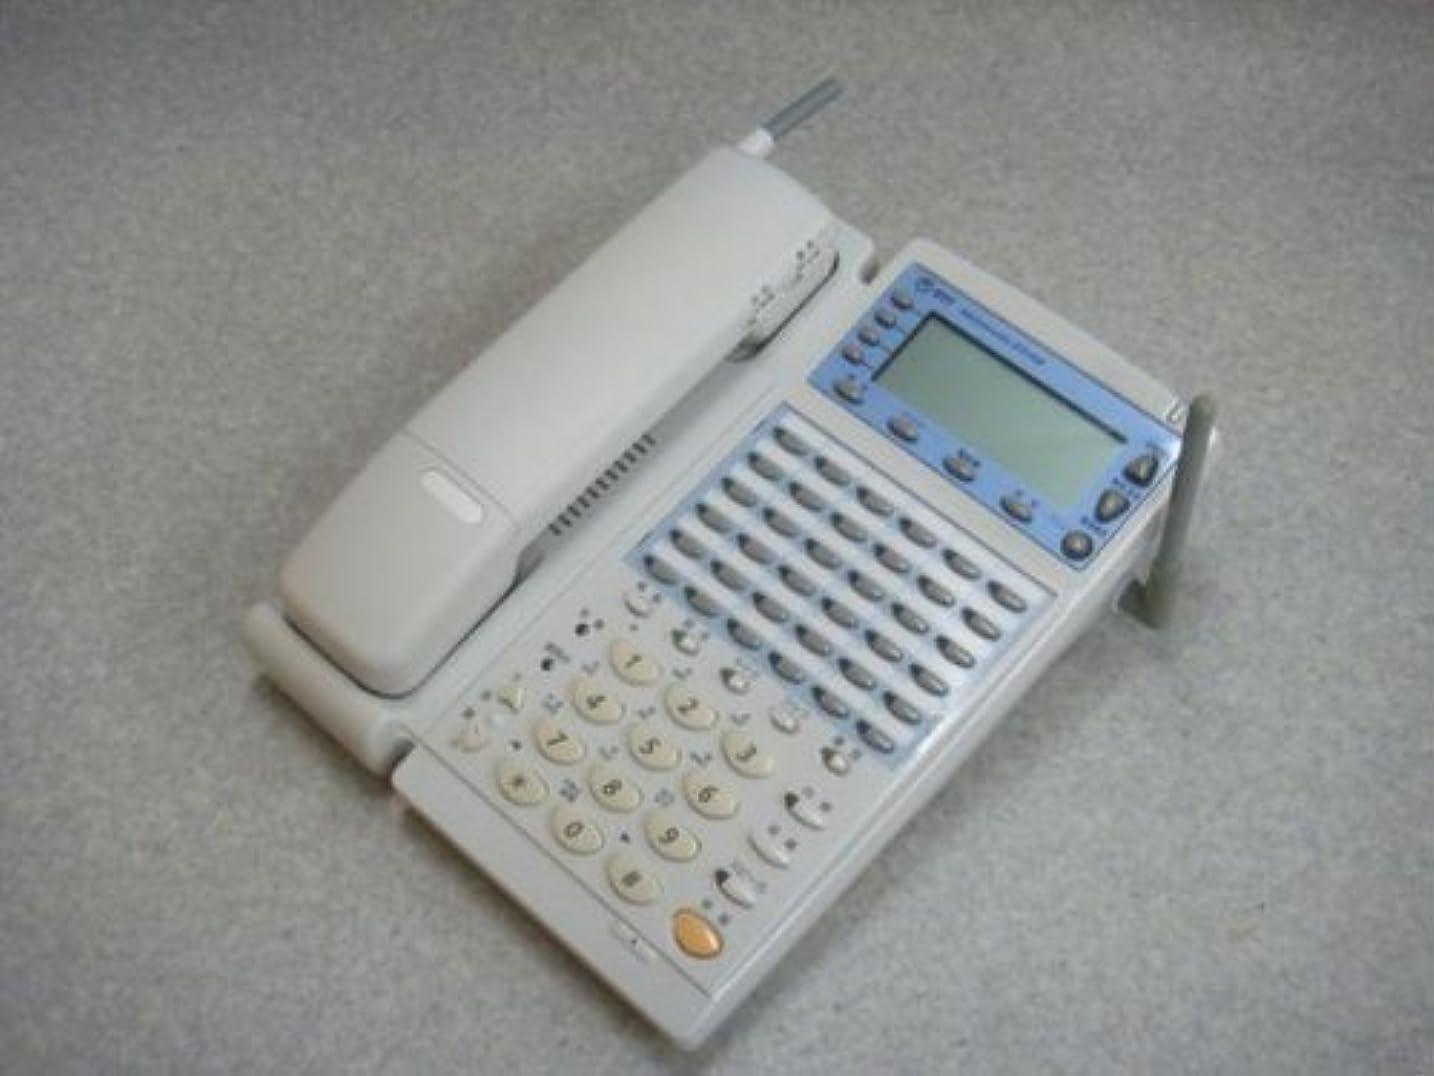 推進力繁栄する農奴GX-(36) CCLBTEL-(1)(W) NTT GX バスカールコードレス ビジネスフォン [オフィス用品] [オフィス用品] [オフィス用品]